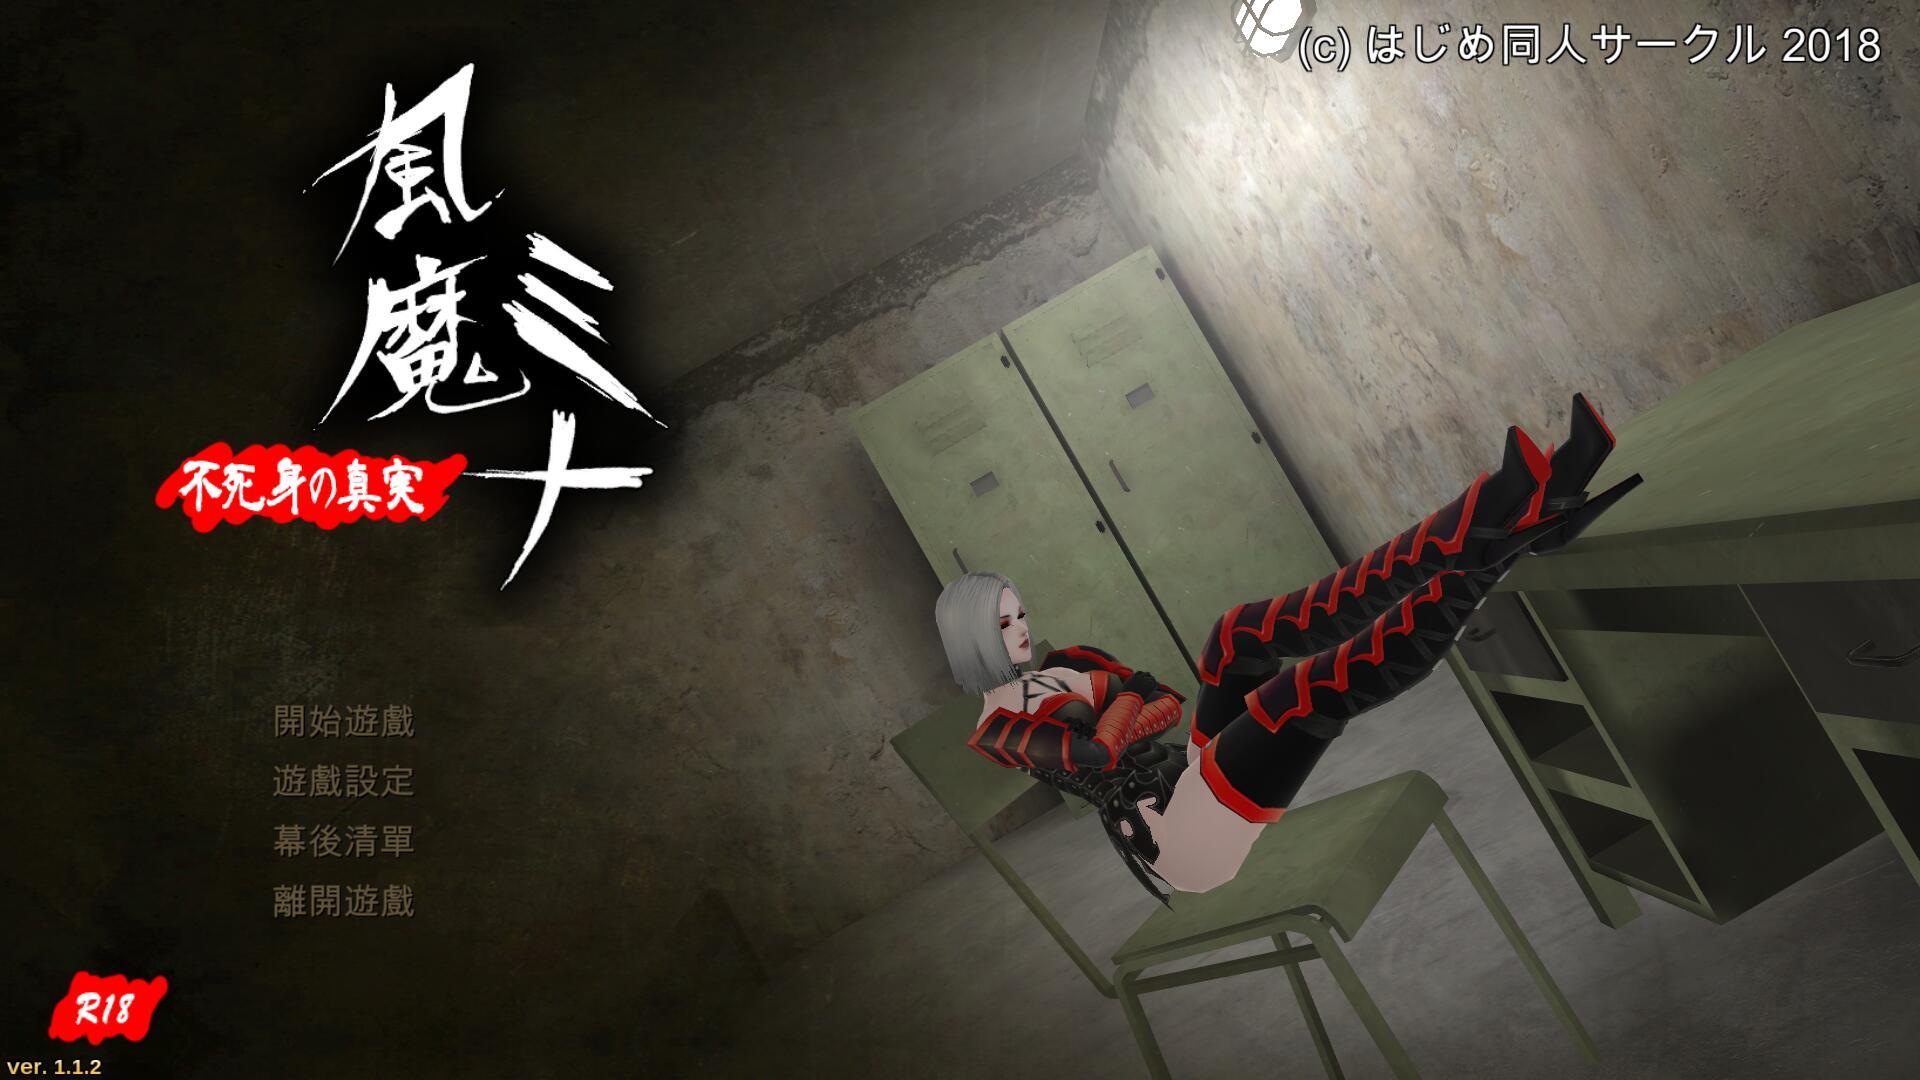 【大型ARPG/中文/步兵】风魔米娜2! 不死身の真实 V1.12中文版/付前作【4G】【全CV】